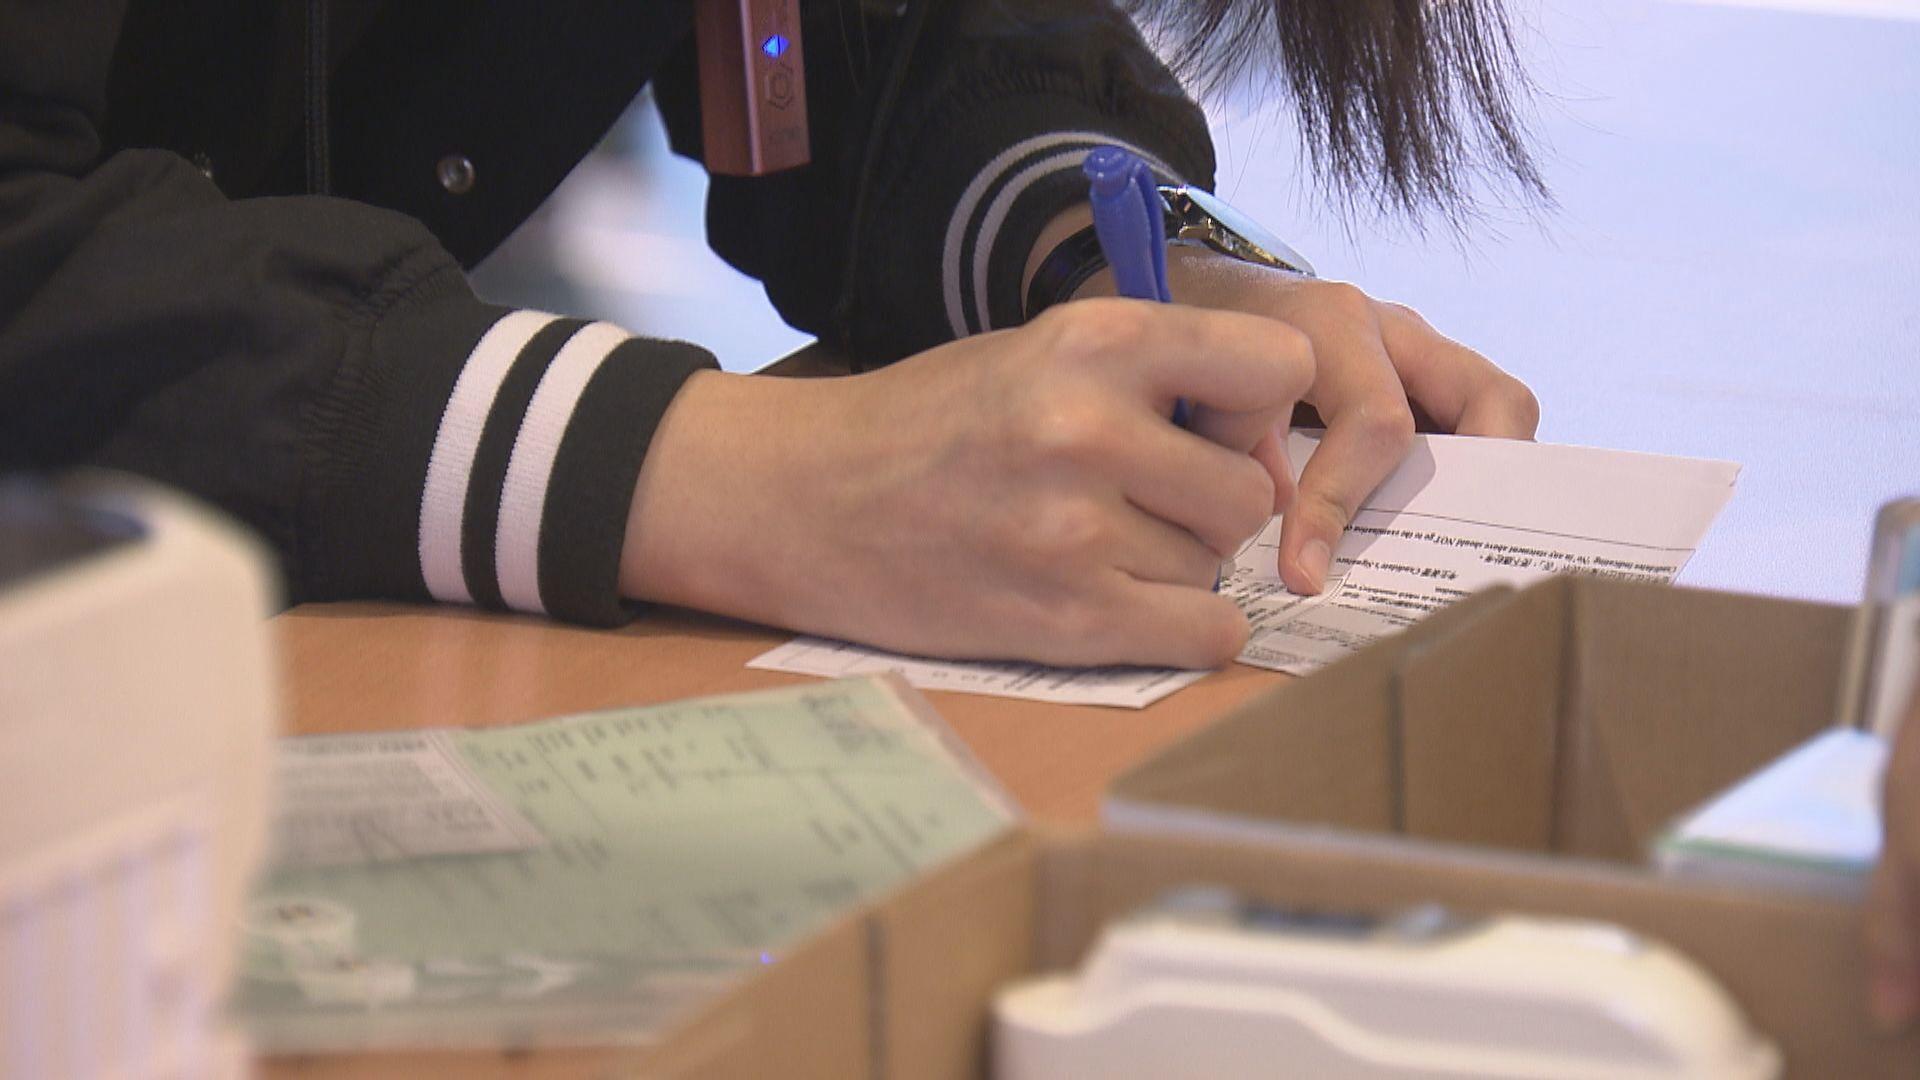 中學文憑試4月23日開考 列強檢考生須持陰性證明才可應考